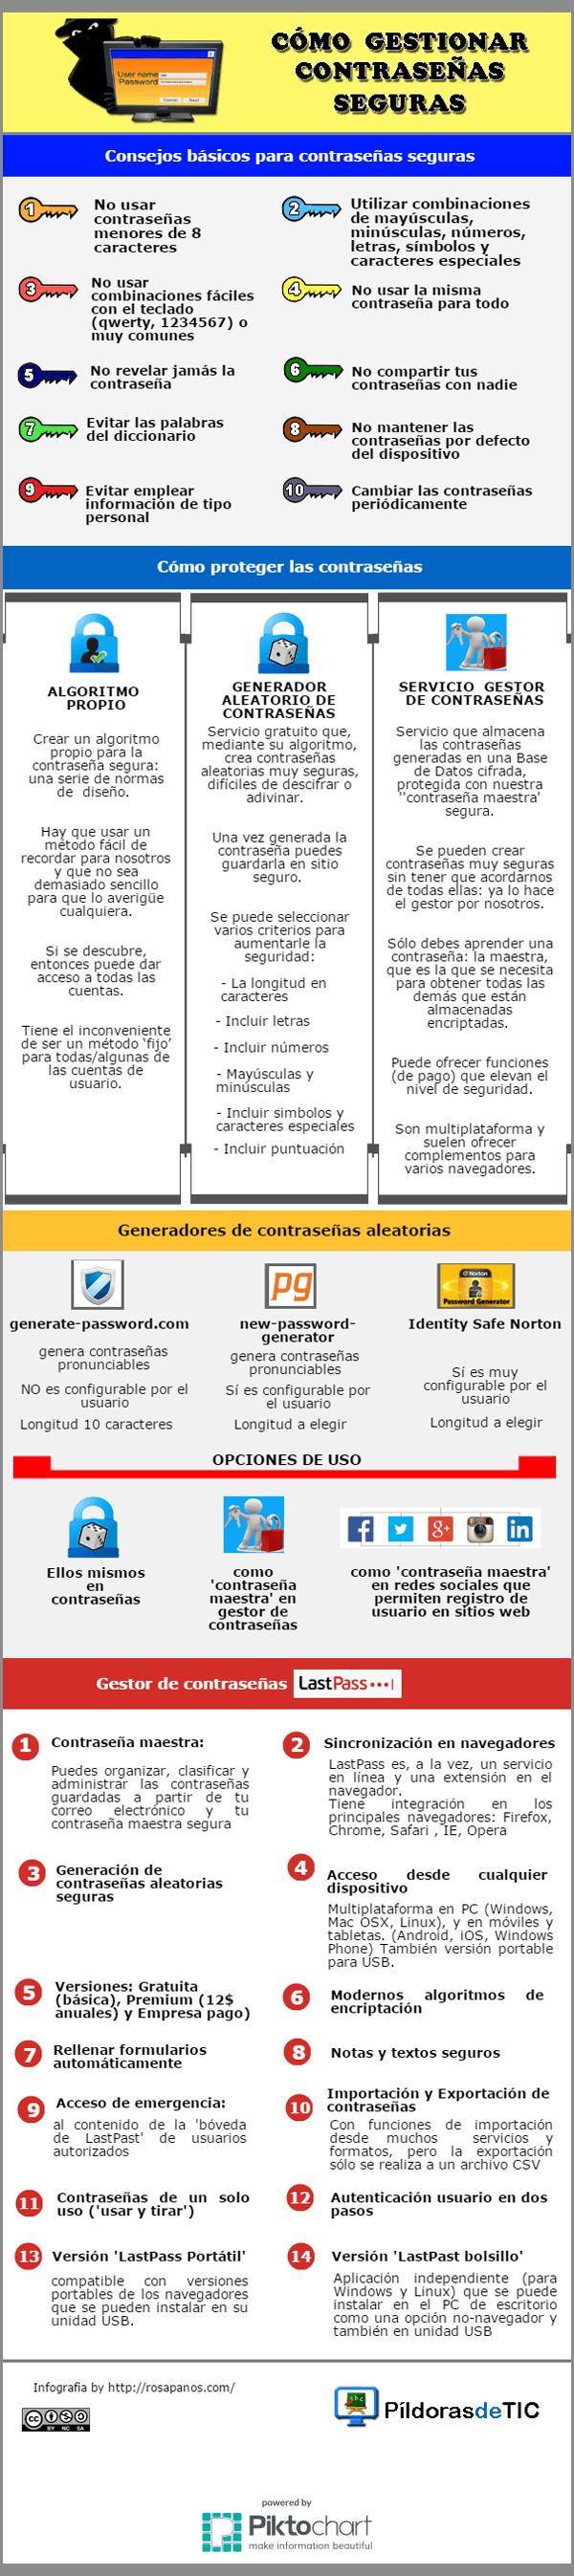 infografia-como-gestionar-contrasenas-seguras-grande-rosapanos-com-pildoras-de-tic